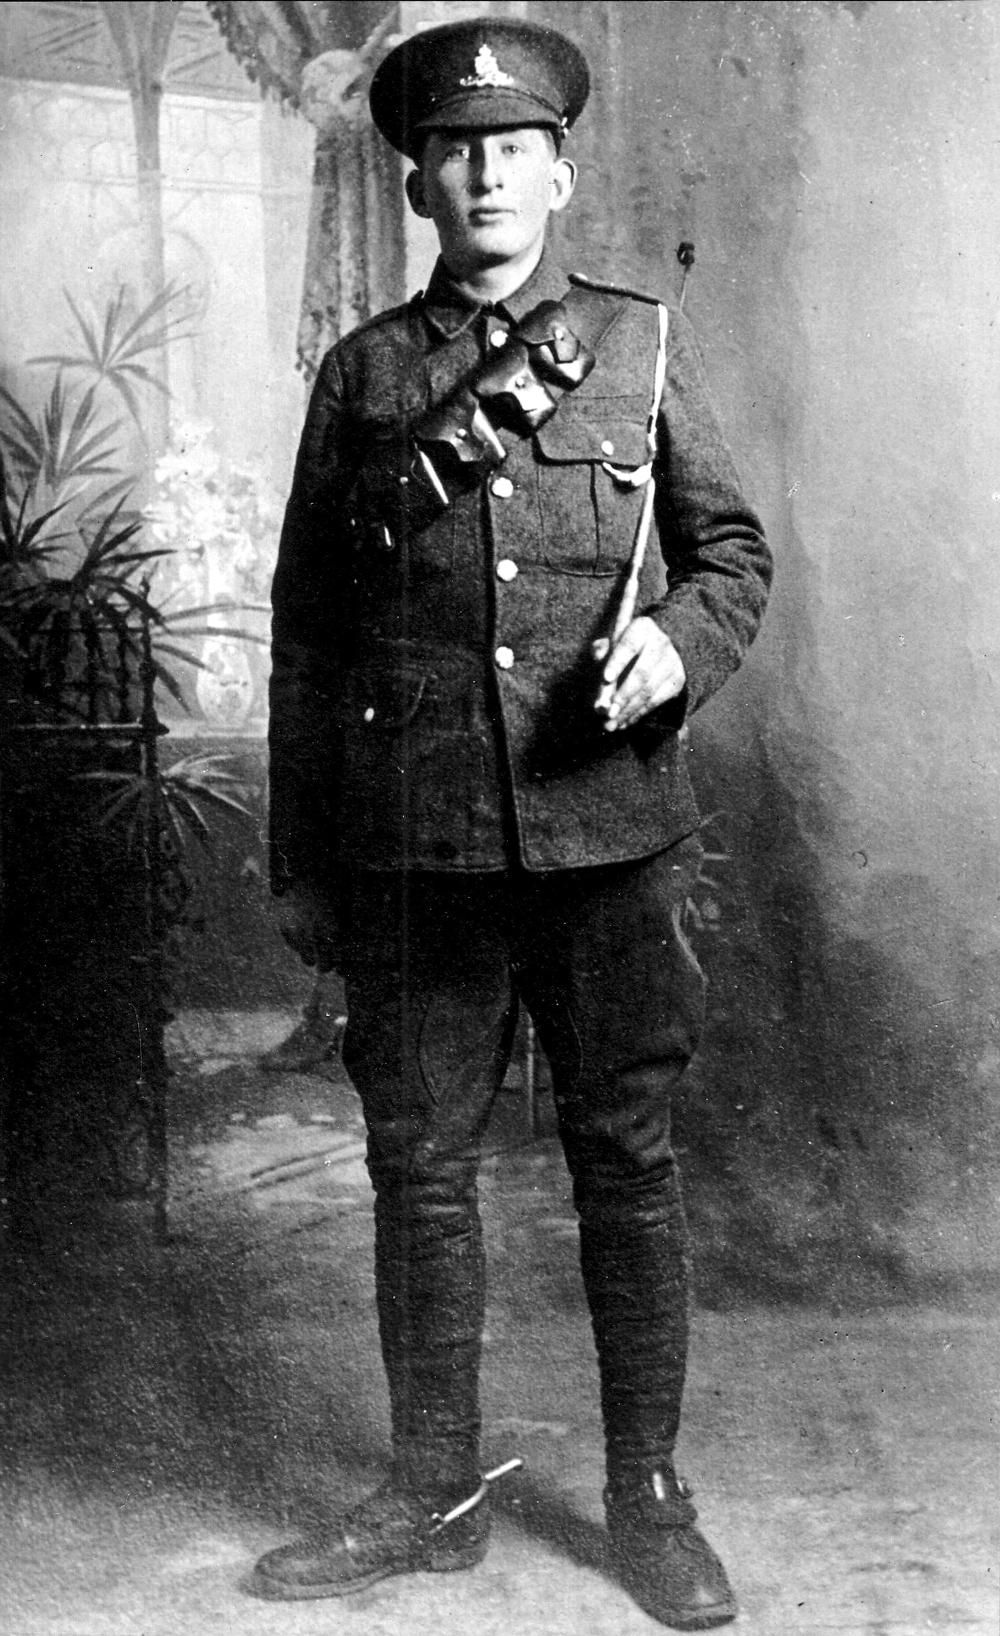 Studio Portrait Royal Artillery Soldier c.1916